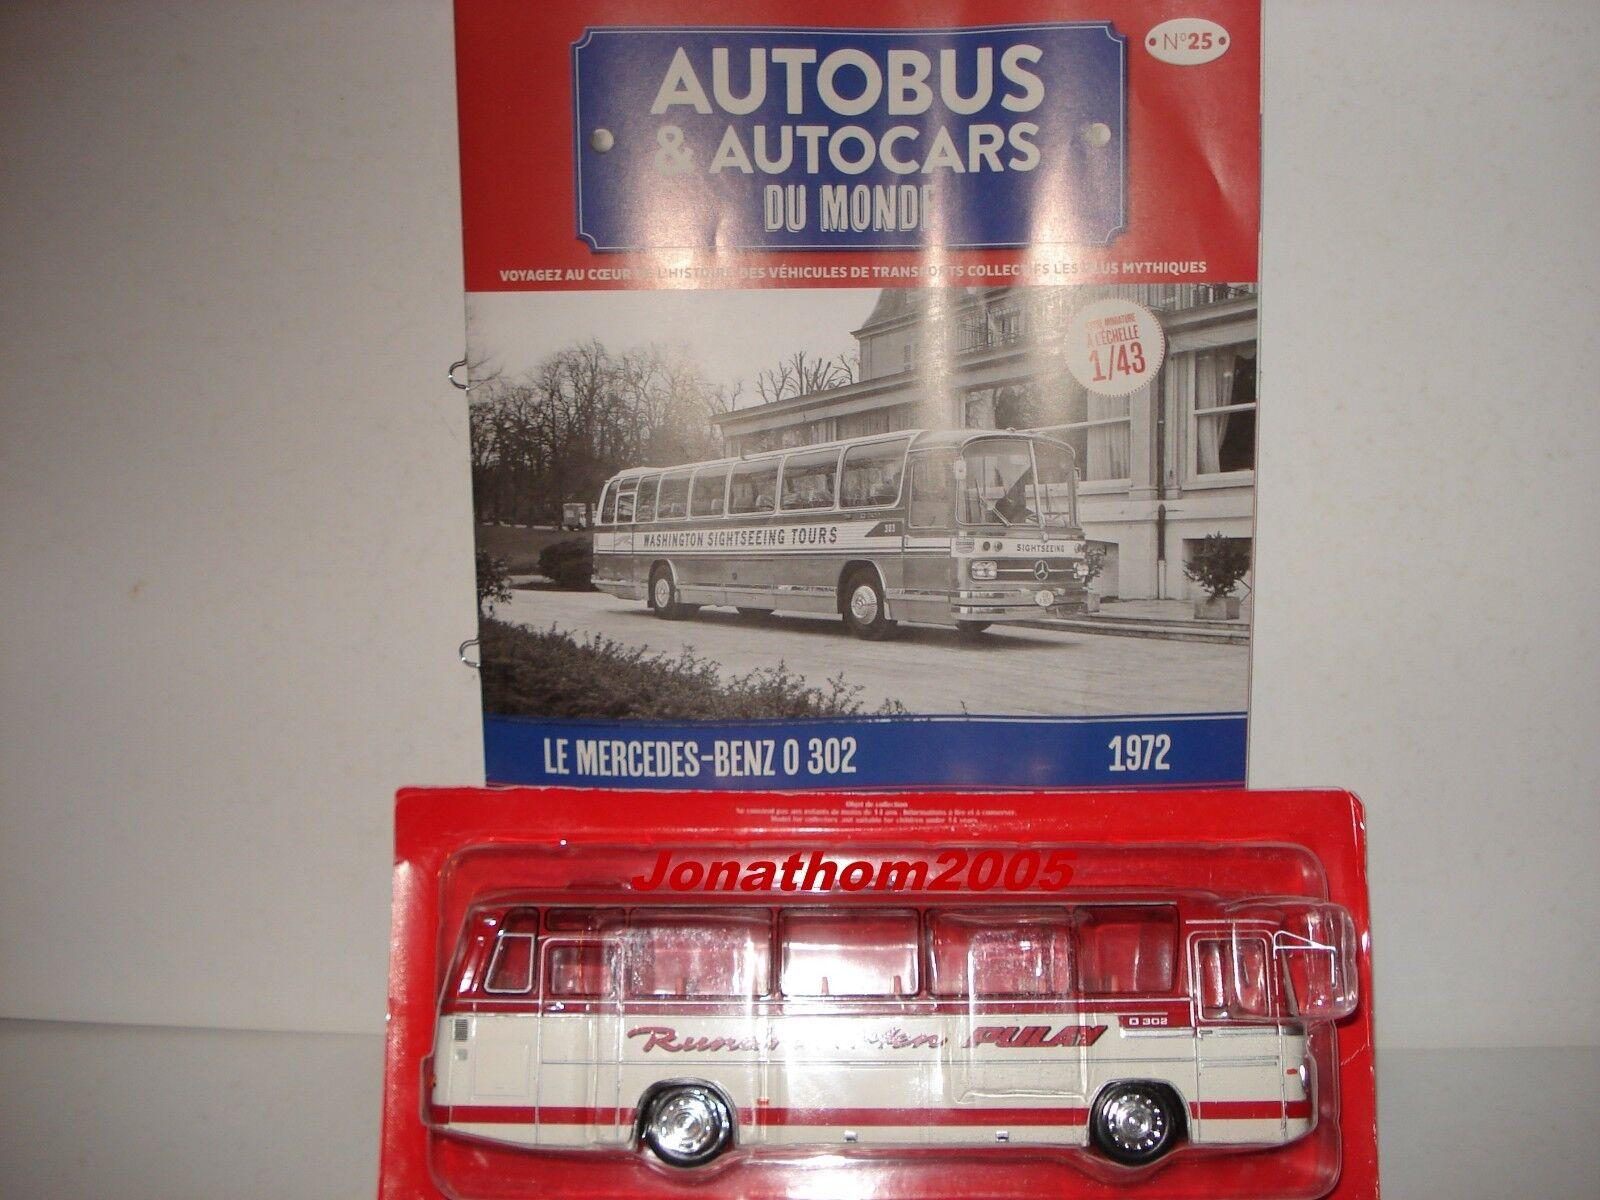 AUTOBUS & AUTOCARS DU MONDE - MERCEDES BENZ O 302  - ALLEMAGNE 1972  au  1 43°